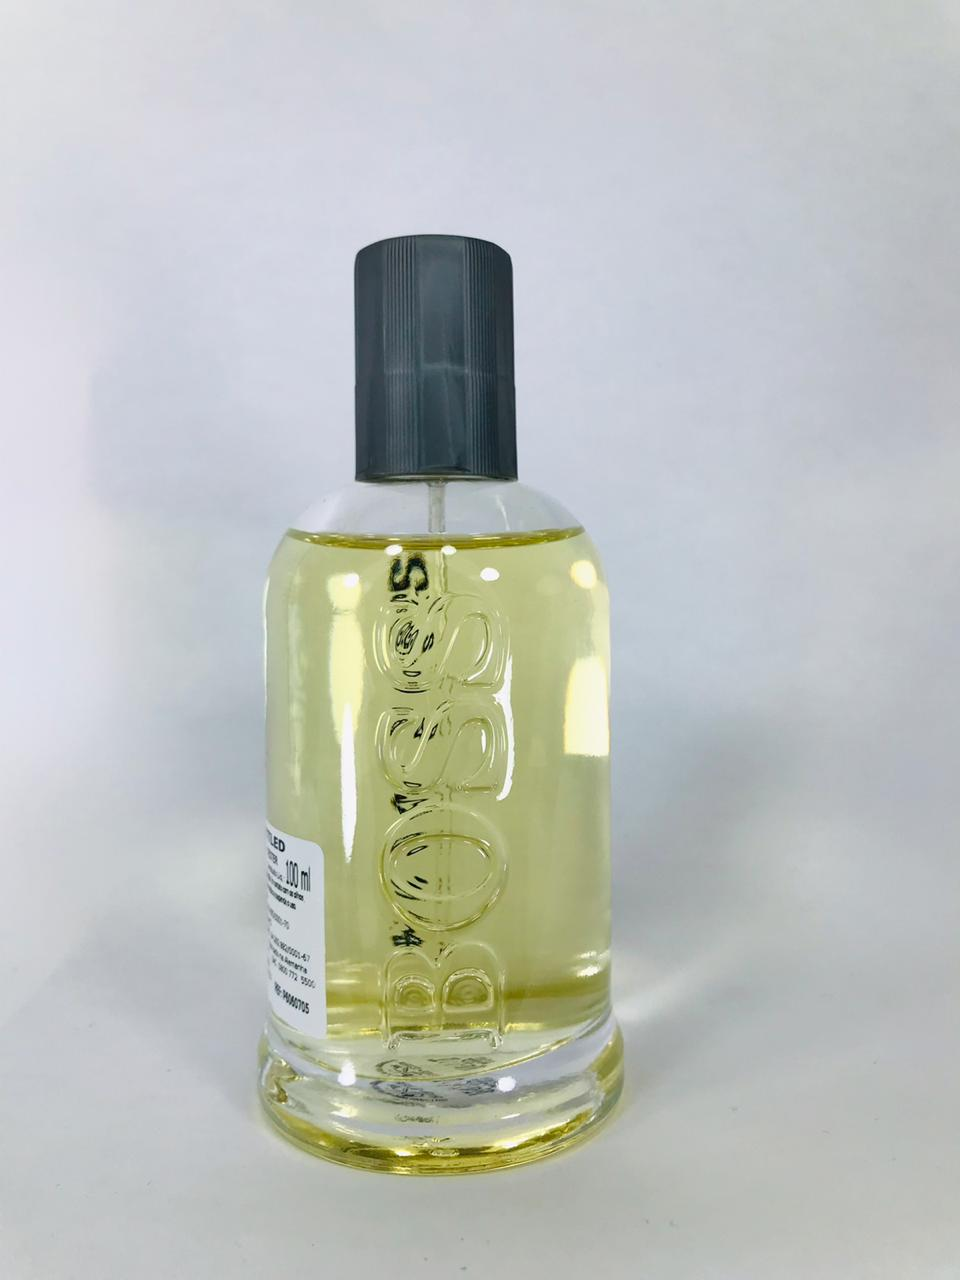 Bottled Hugo Boss Masculino Eau de Toilette 100 ml  - Tester